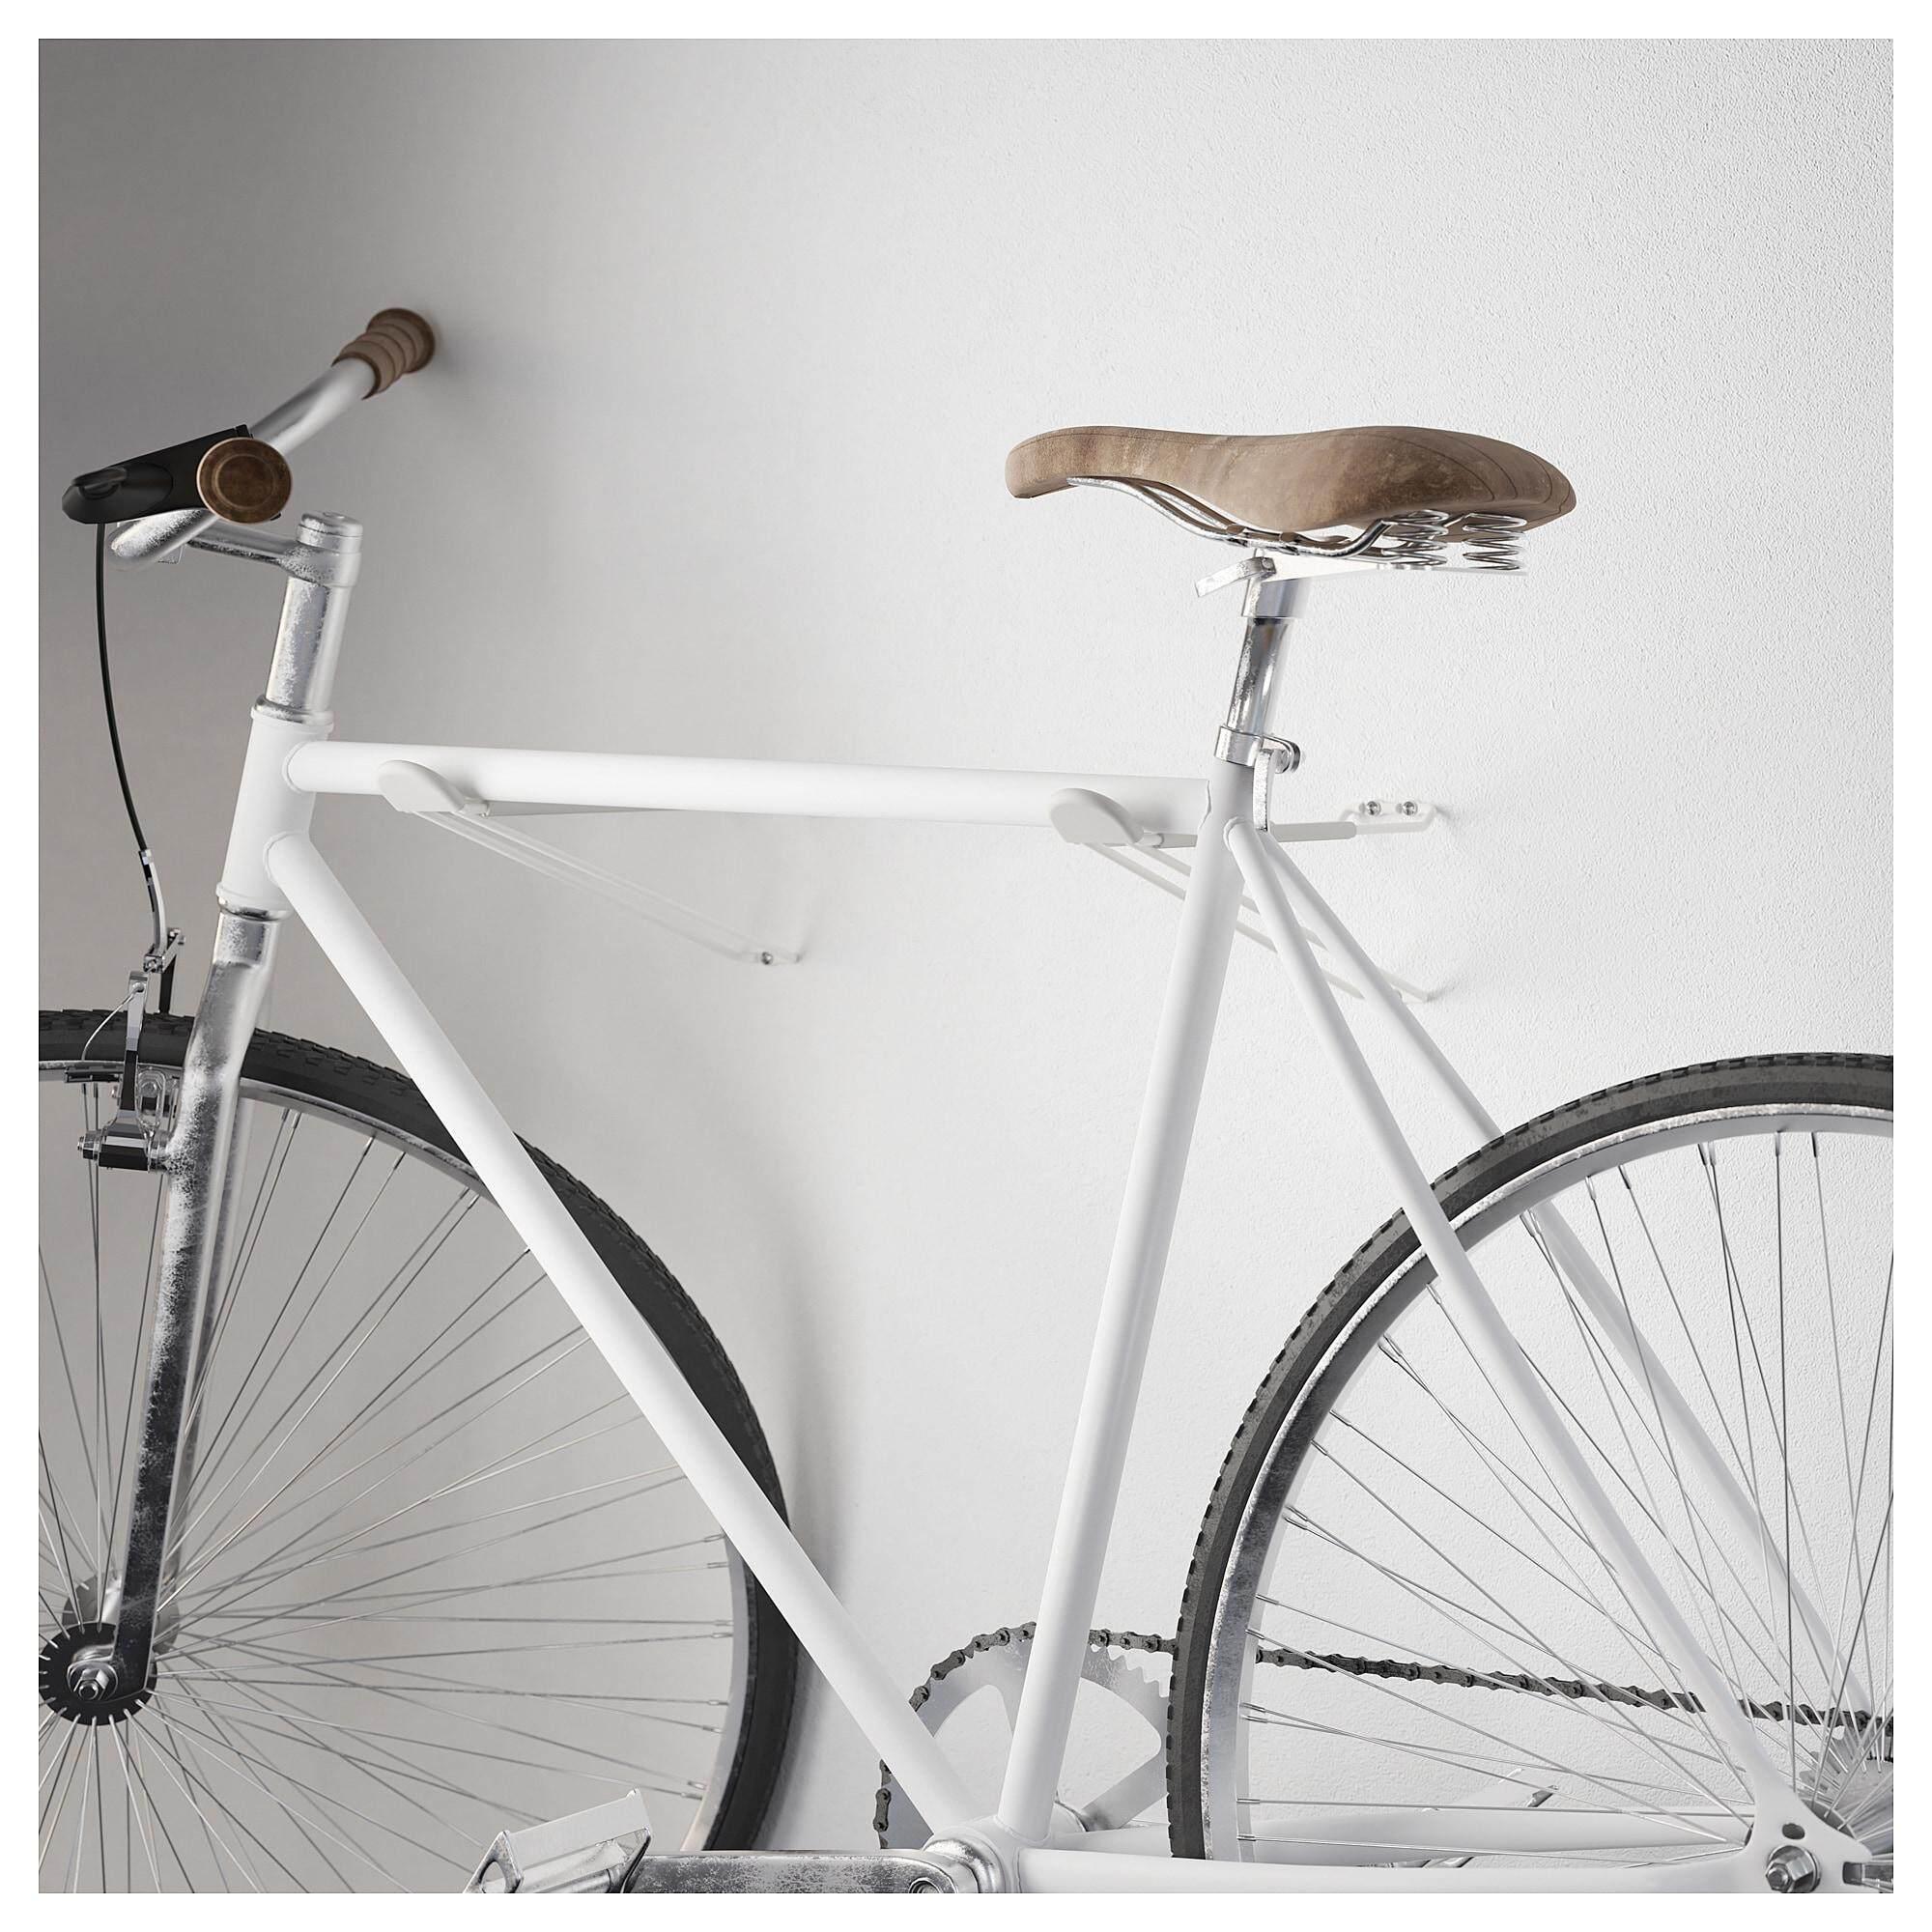 ราคาถูก SkrÄll สเครลล์ ตะขอ ในร่ม/กลางแจ้ง ใช้แขวนจักรยาน บันได หรือเก้าอี้ เพื่อเก็บของให้เป็นระเบียบ By Vvs.